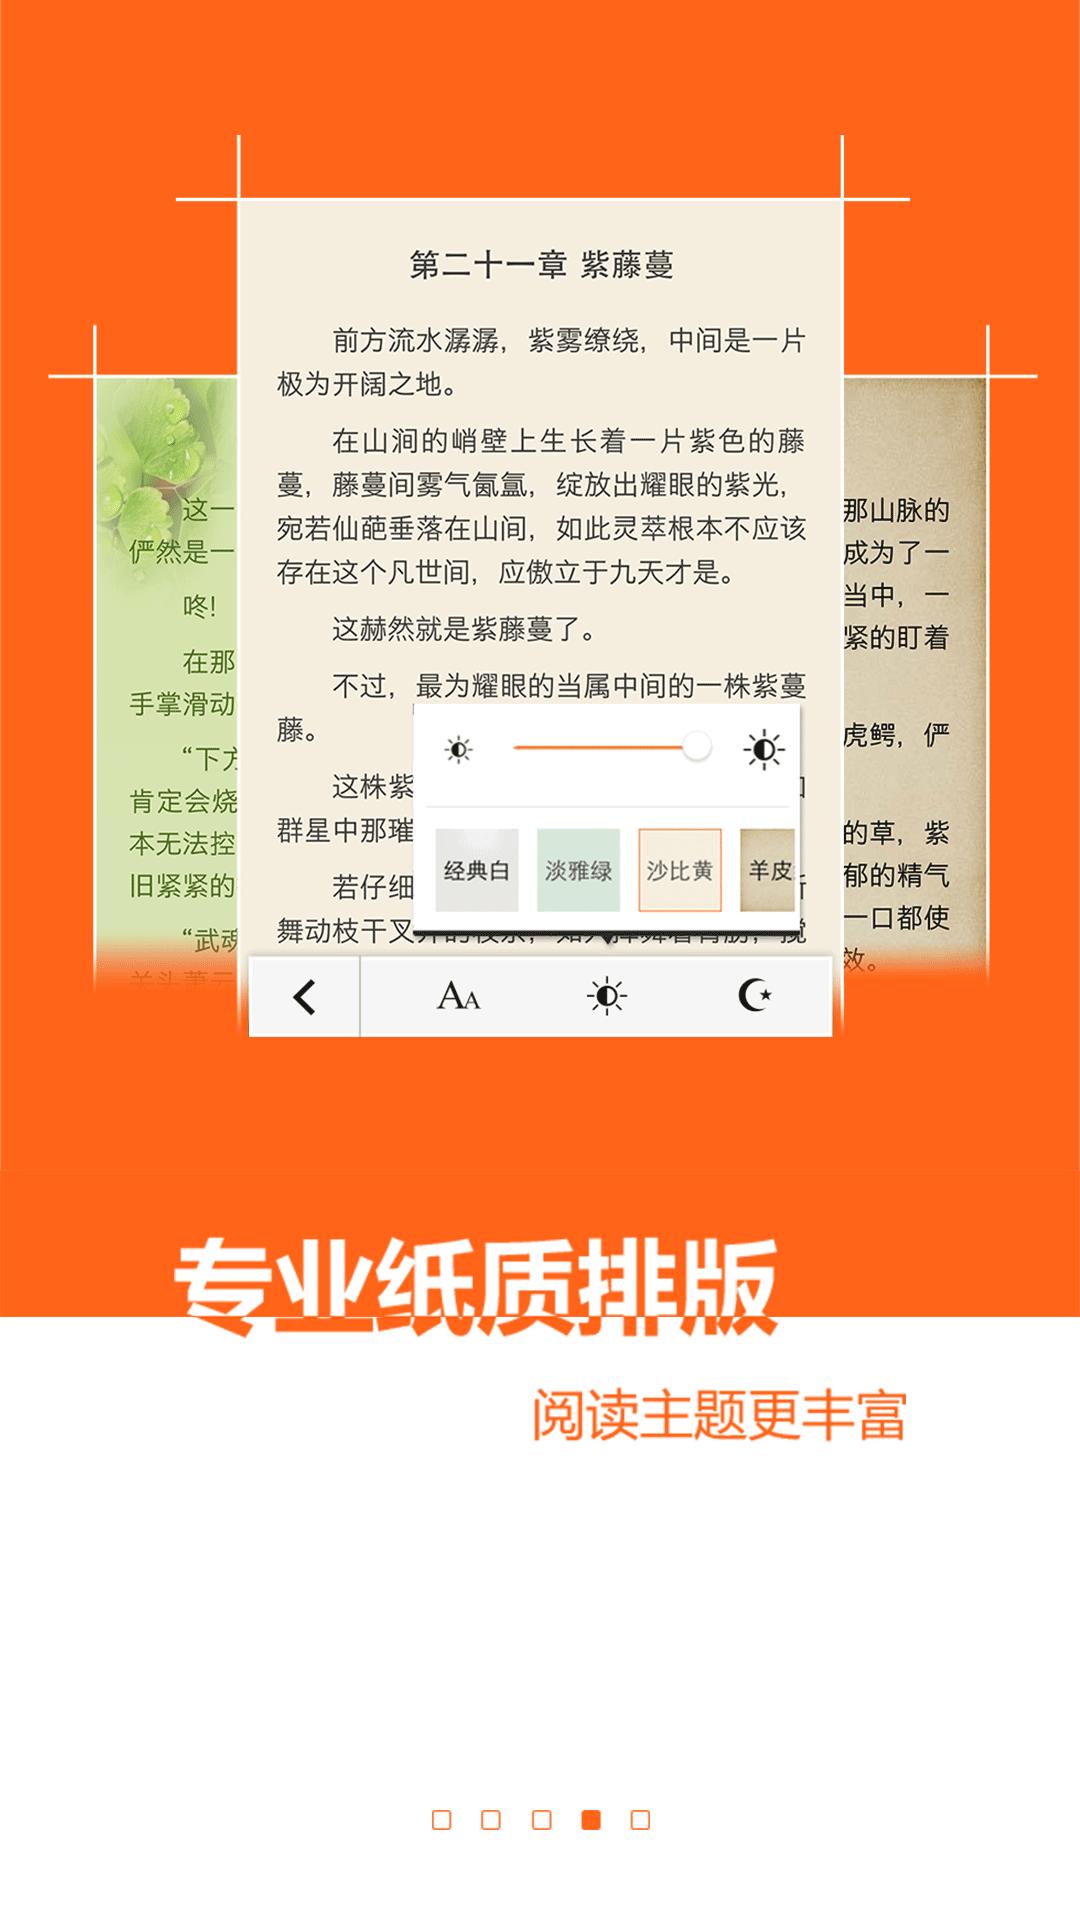 免费小说书城 3.0.6 安卓版